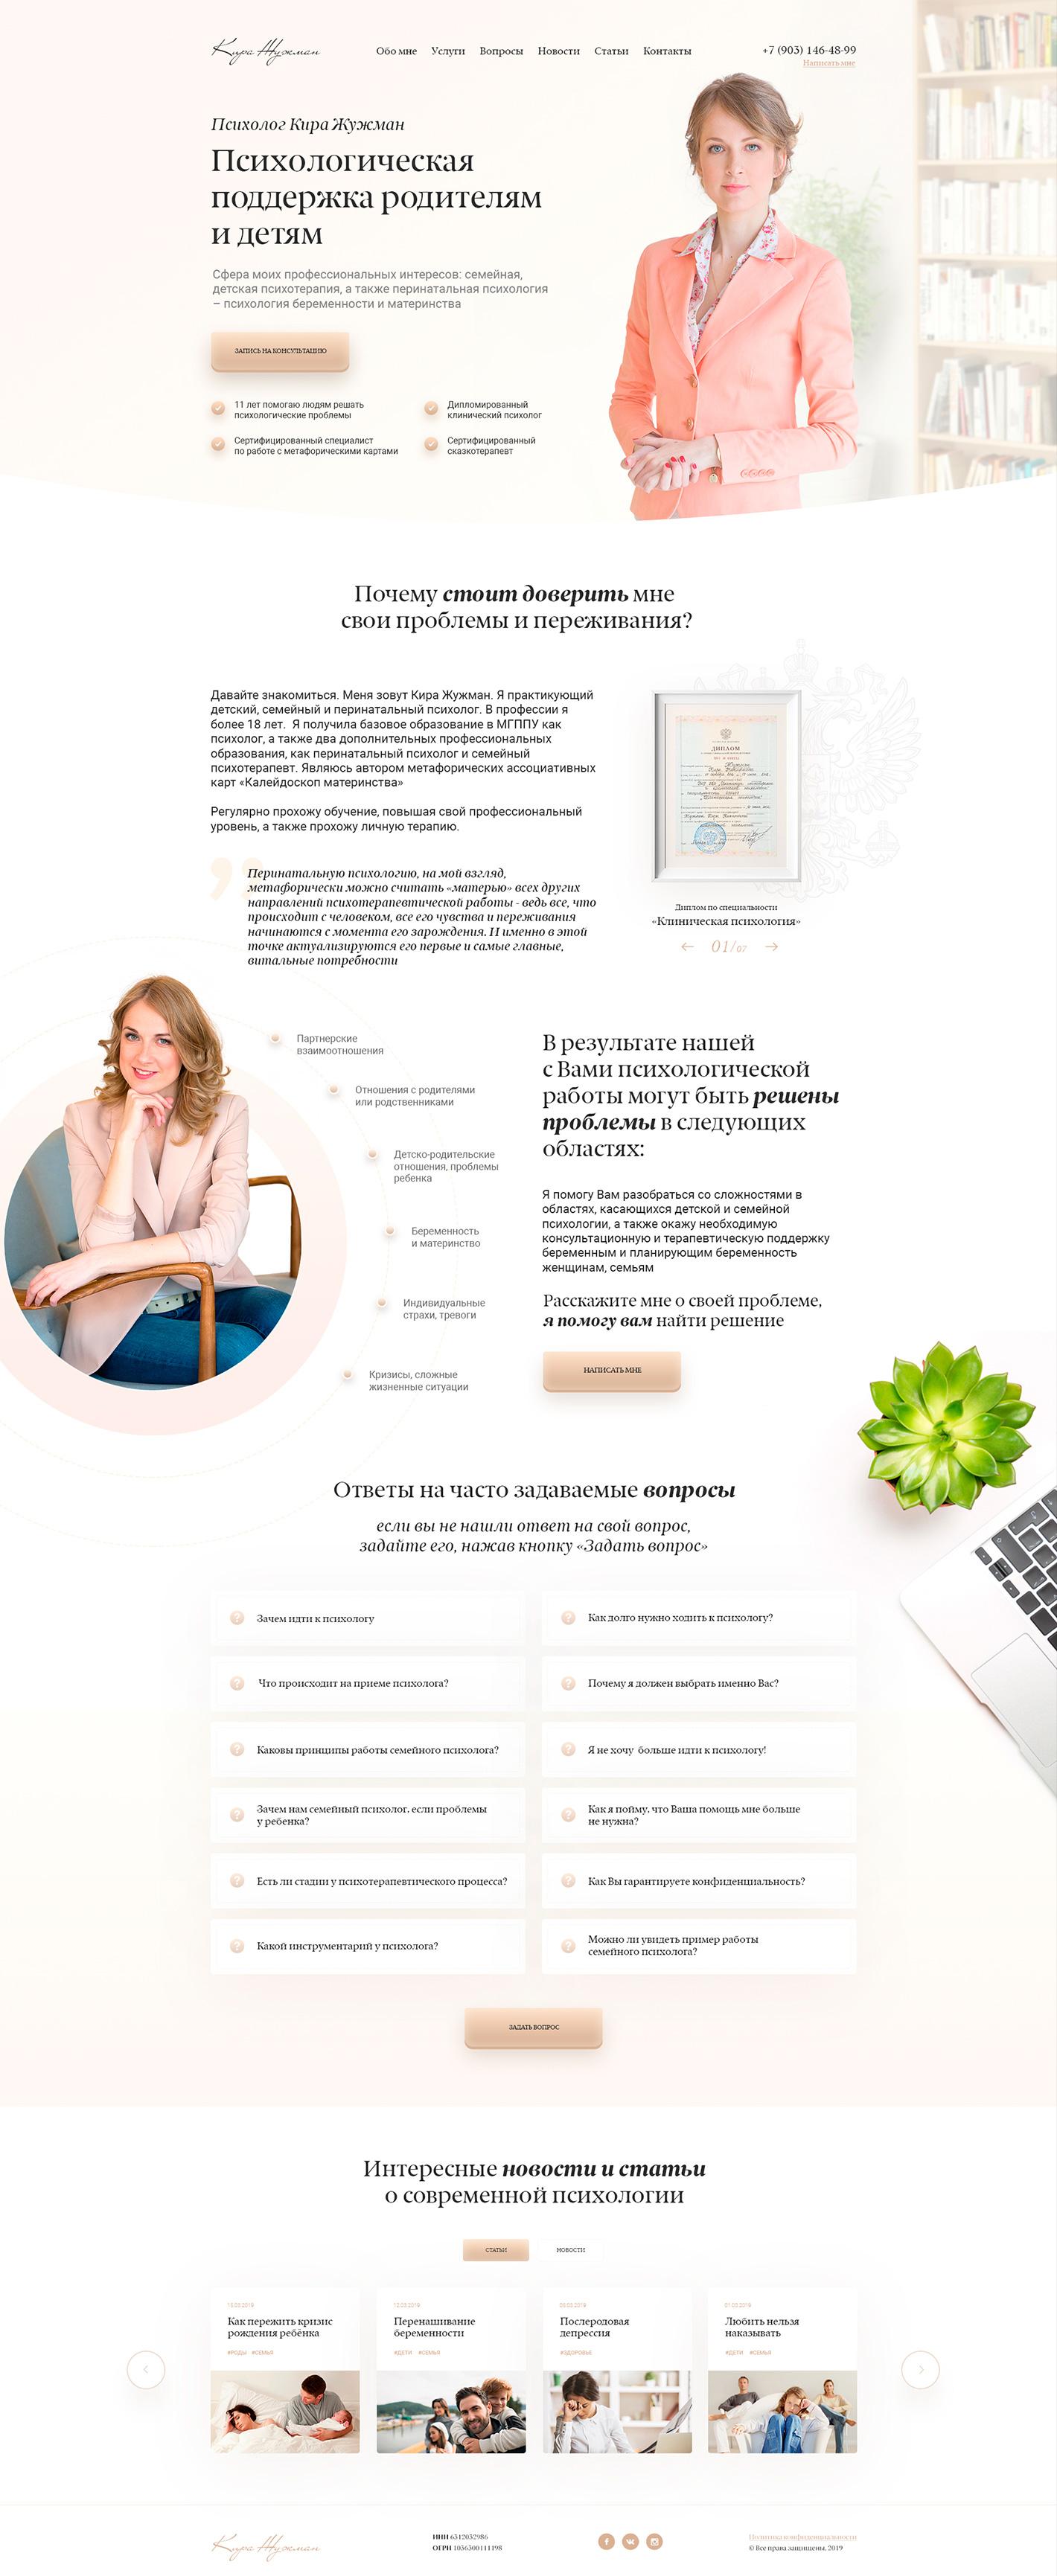 Разработка корпоративного сайта для семейного психолога